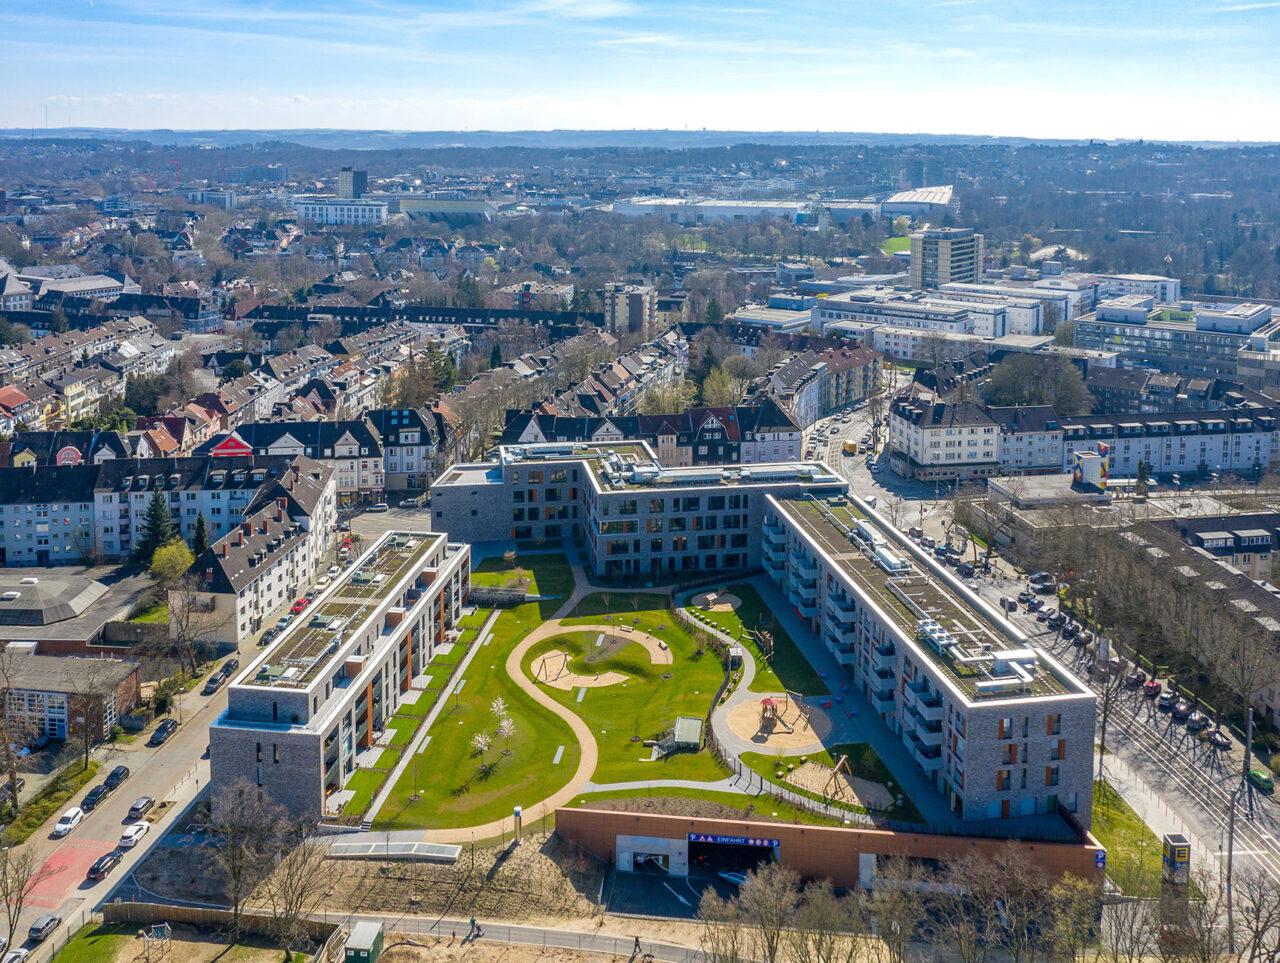 Cranachhöfe Essen Holsterhausen Neubauprojekt Luftbild